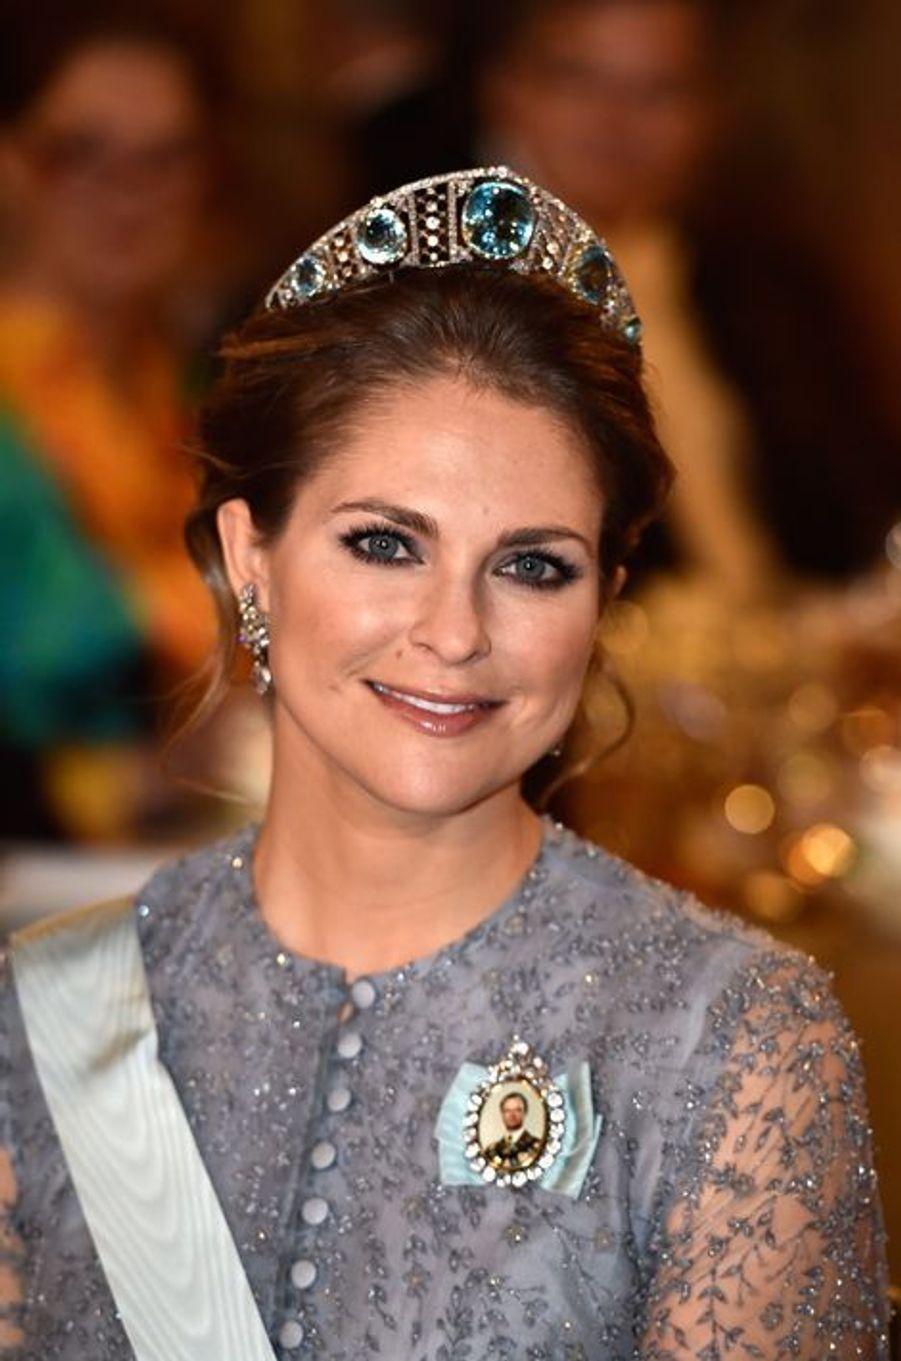 La princesse Madeleine de Suède au banquet des Nobel à Stockholm, le 10 décembre 2015